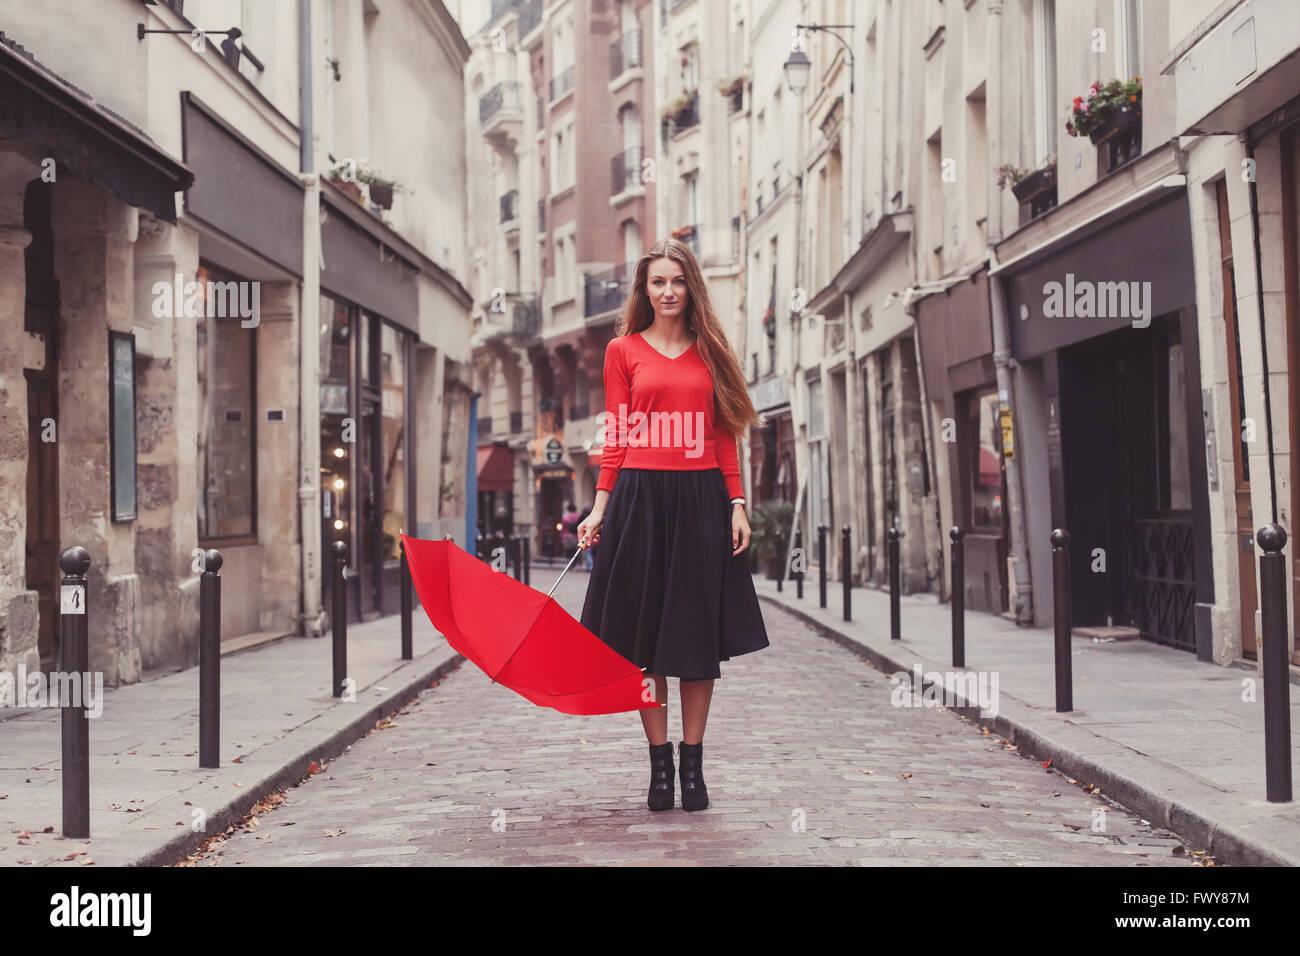 Bella donna, Ritratto di ragazza con ombrello rosso permanente sulla strada di Parigi Immagini Stock